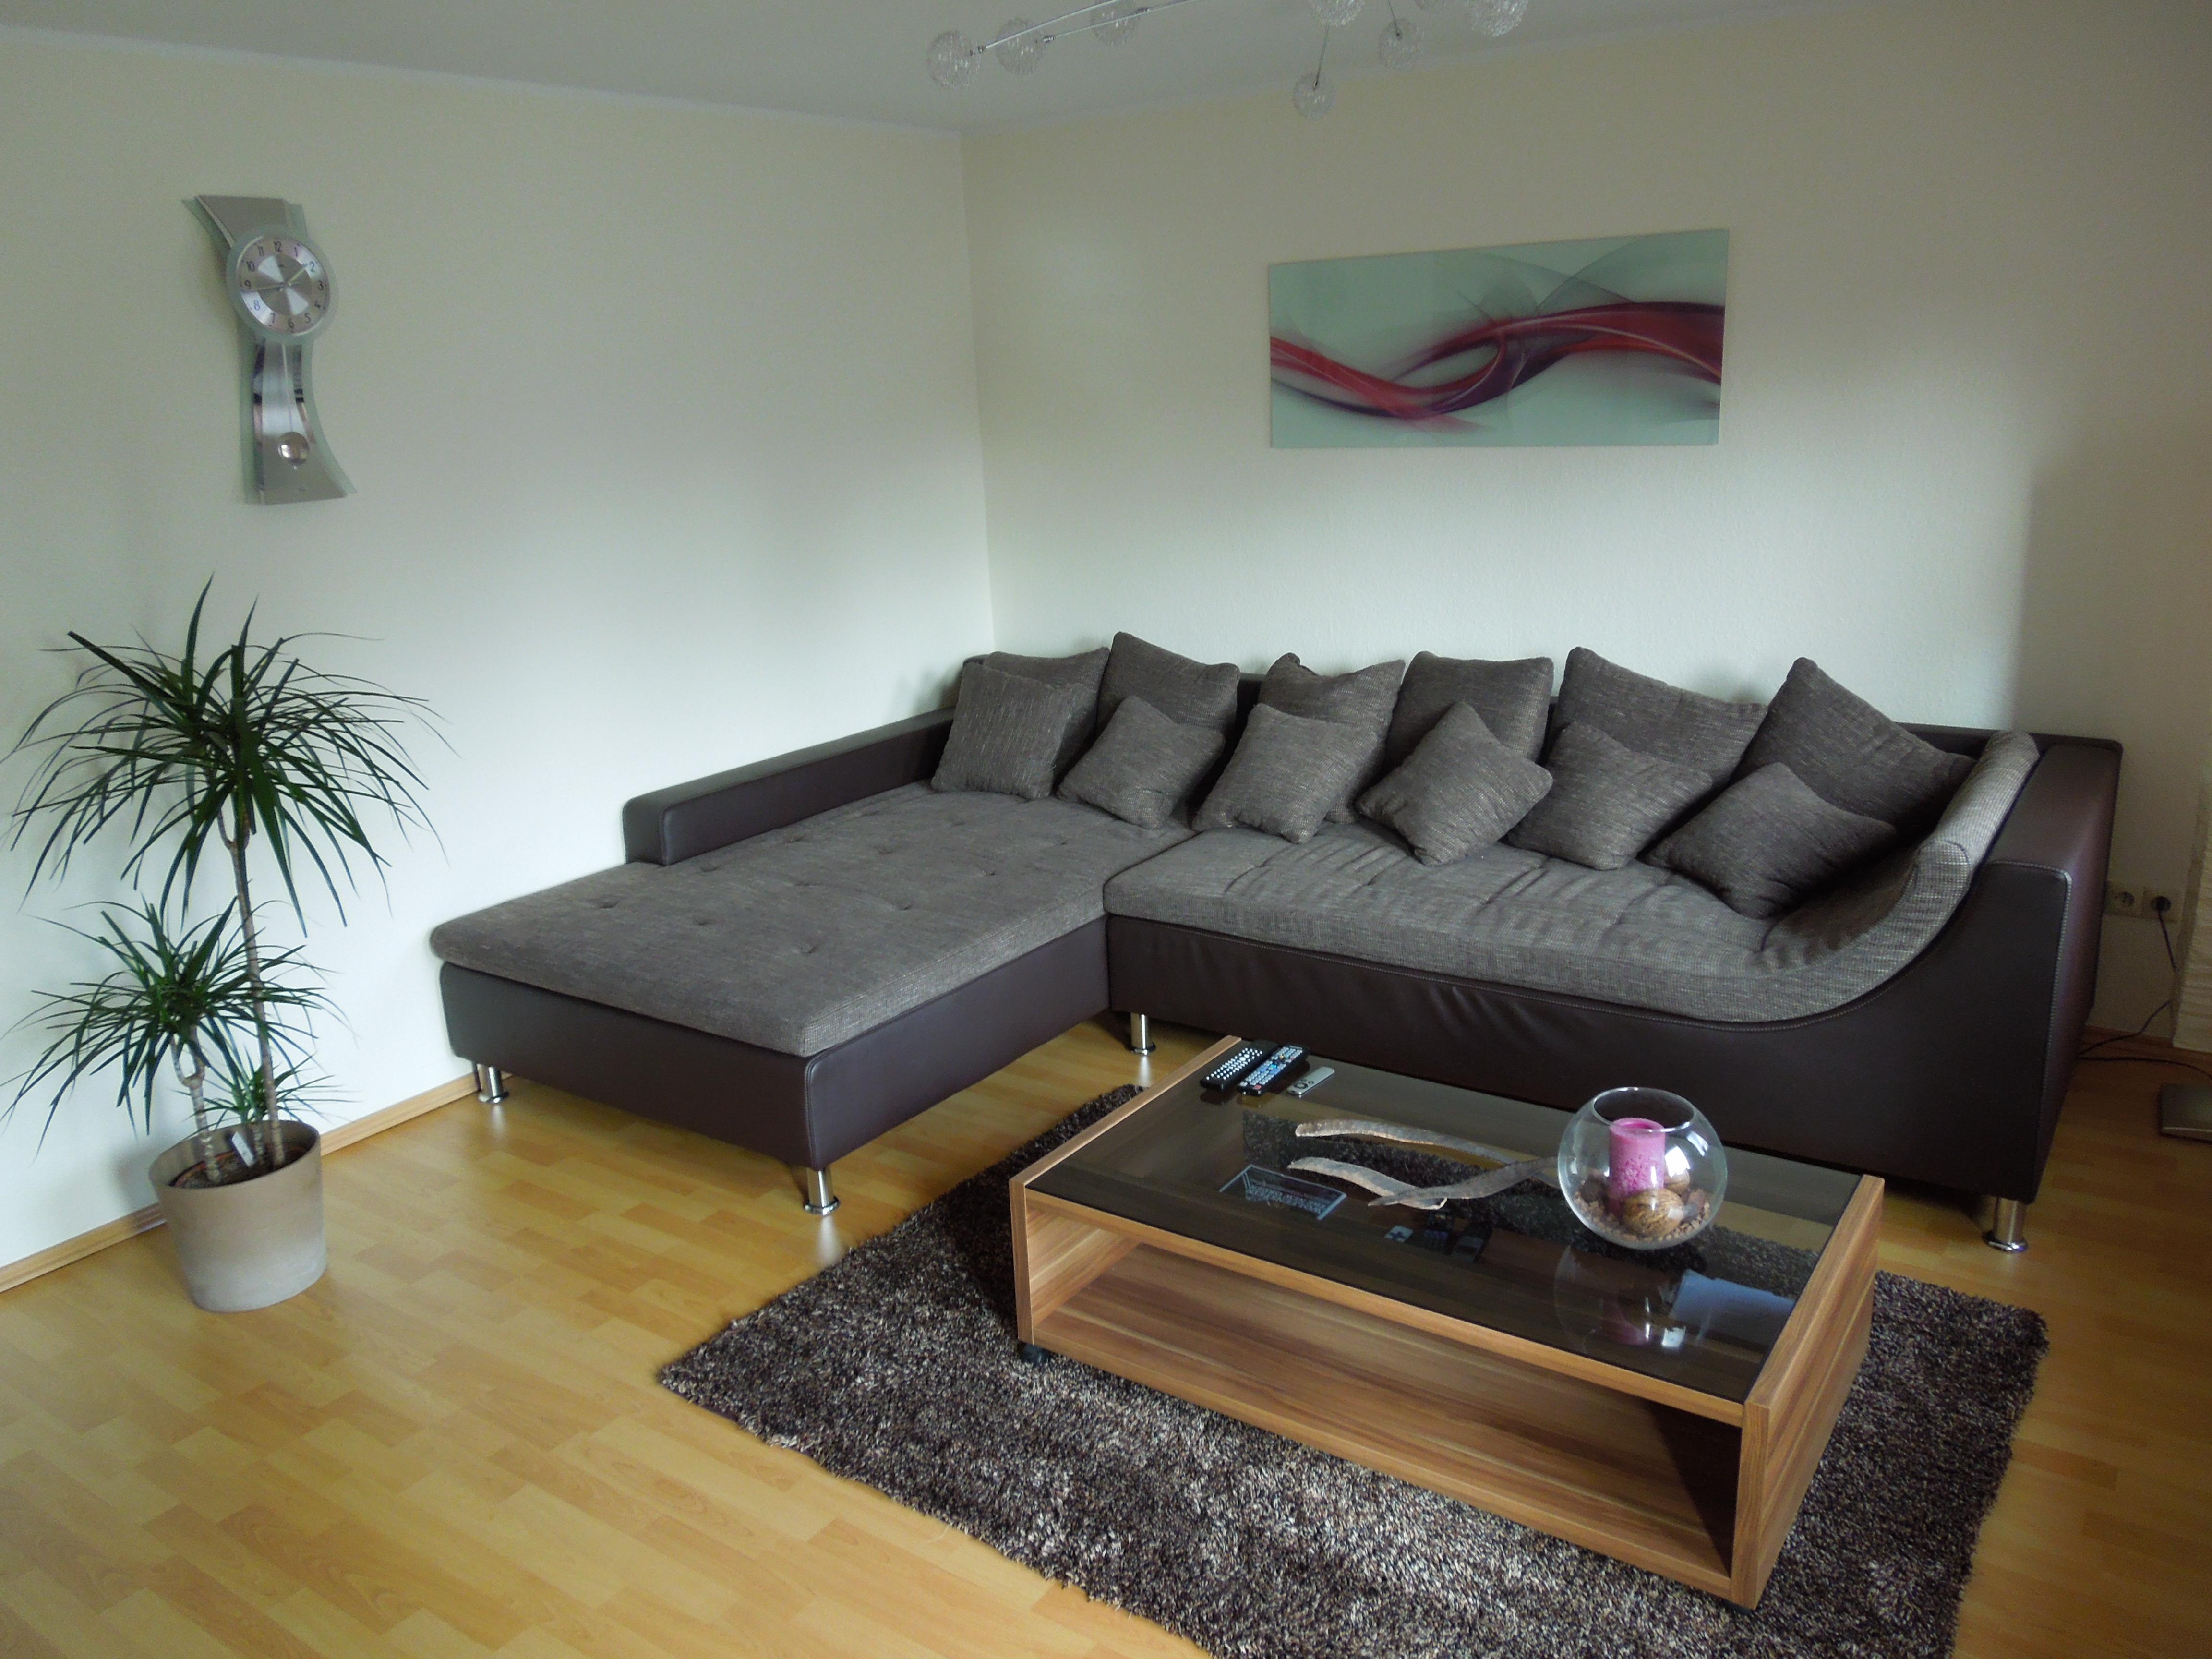 Niedlich Verschiedene Wohnzimmer Themen Fotos - Images for ...